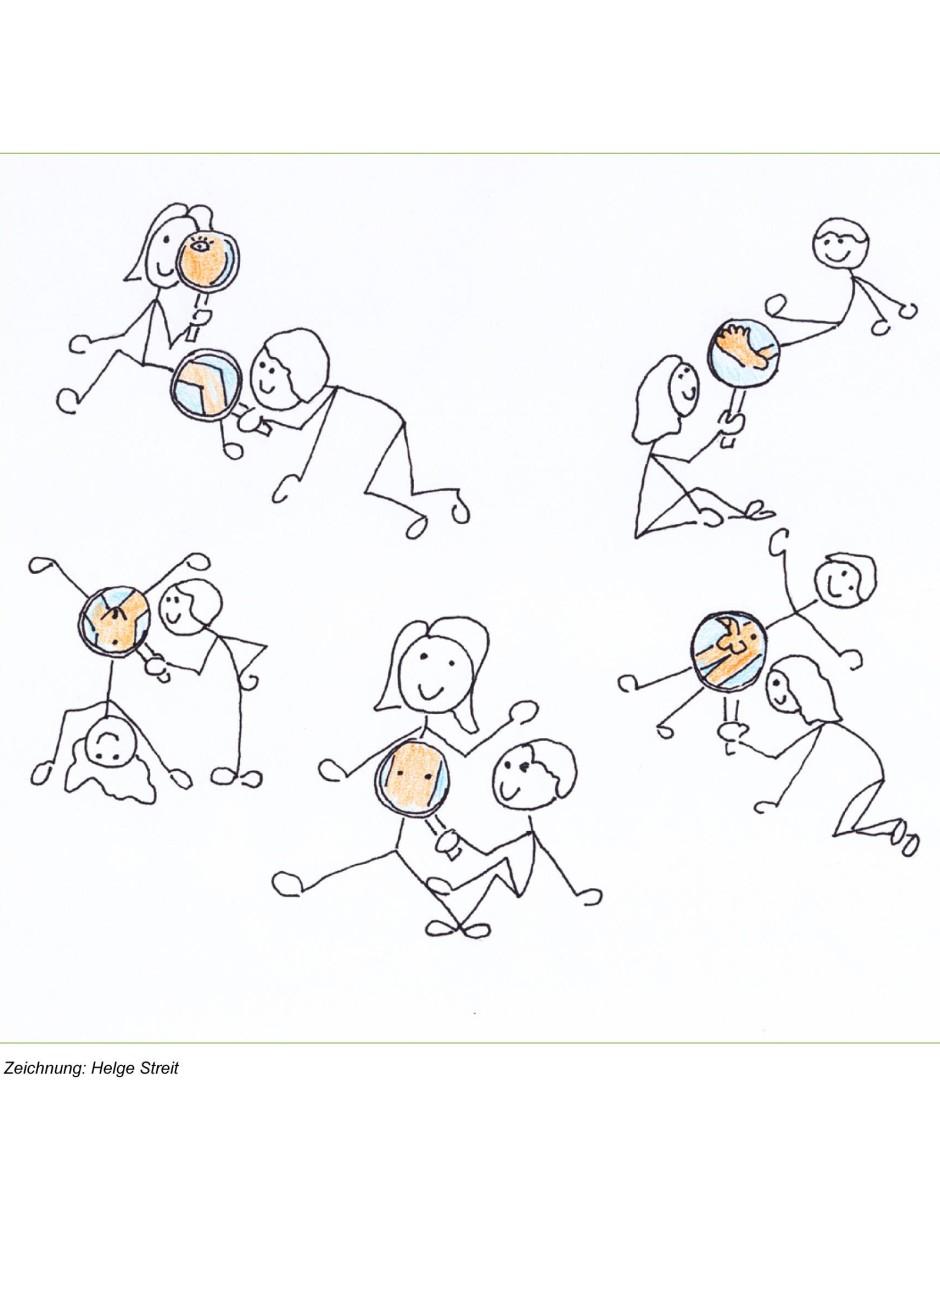 Solche Zeichnungen dienen der Sexualerziehung von Sechs- bis Zwölfjährigen.